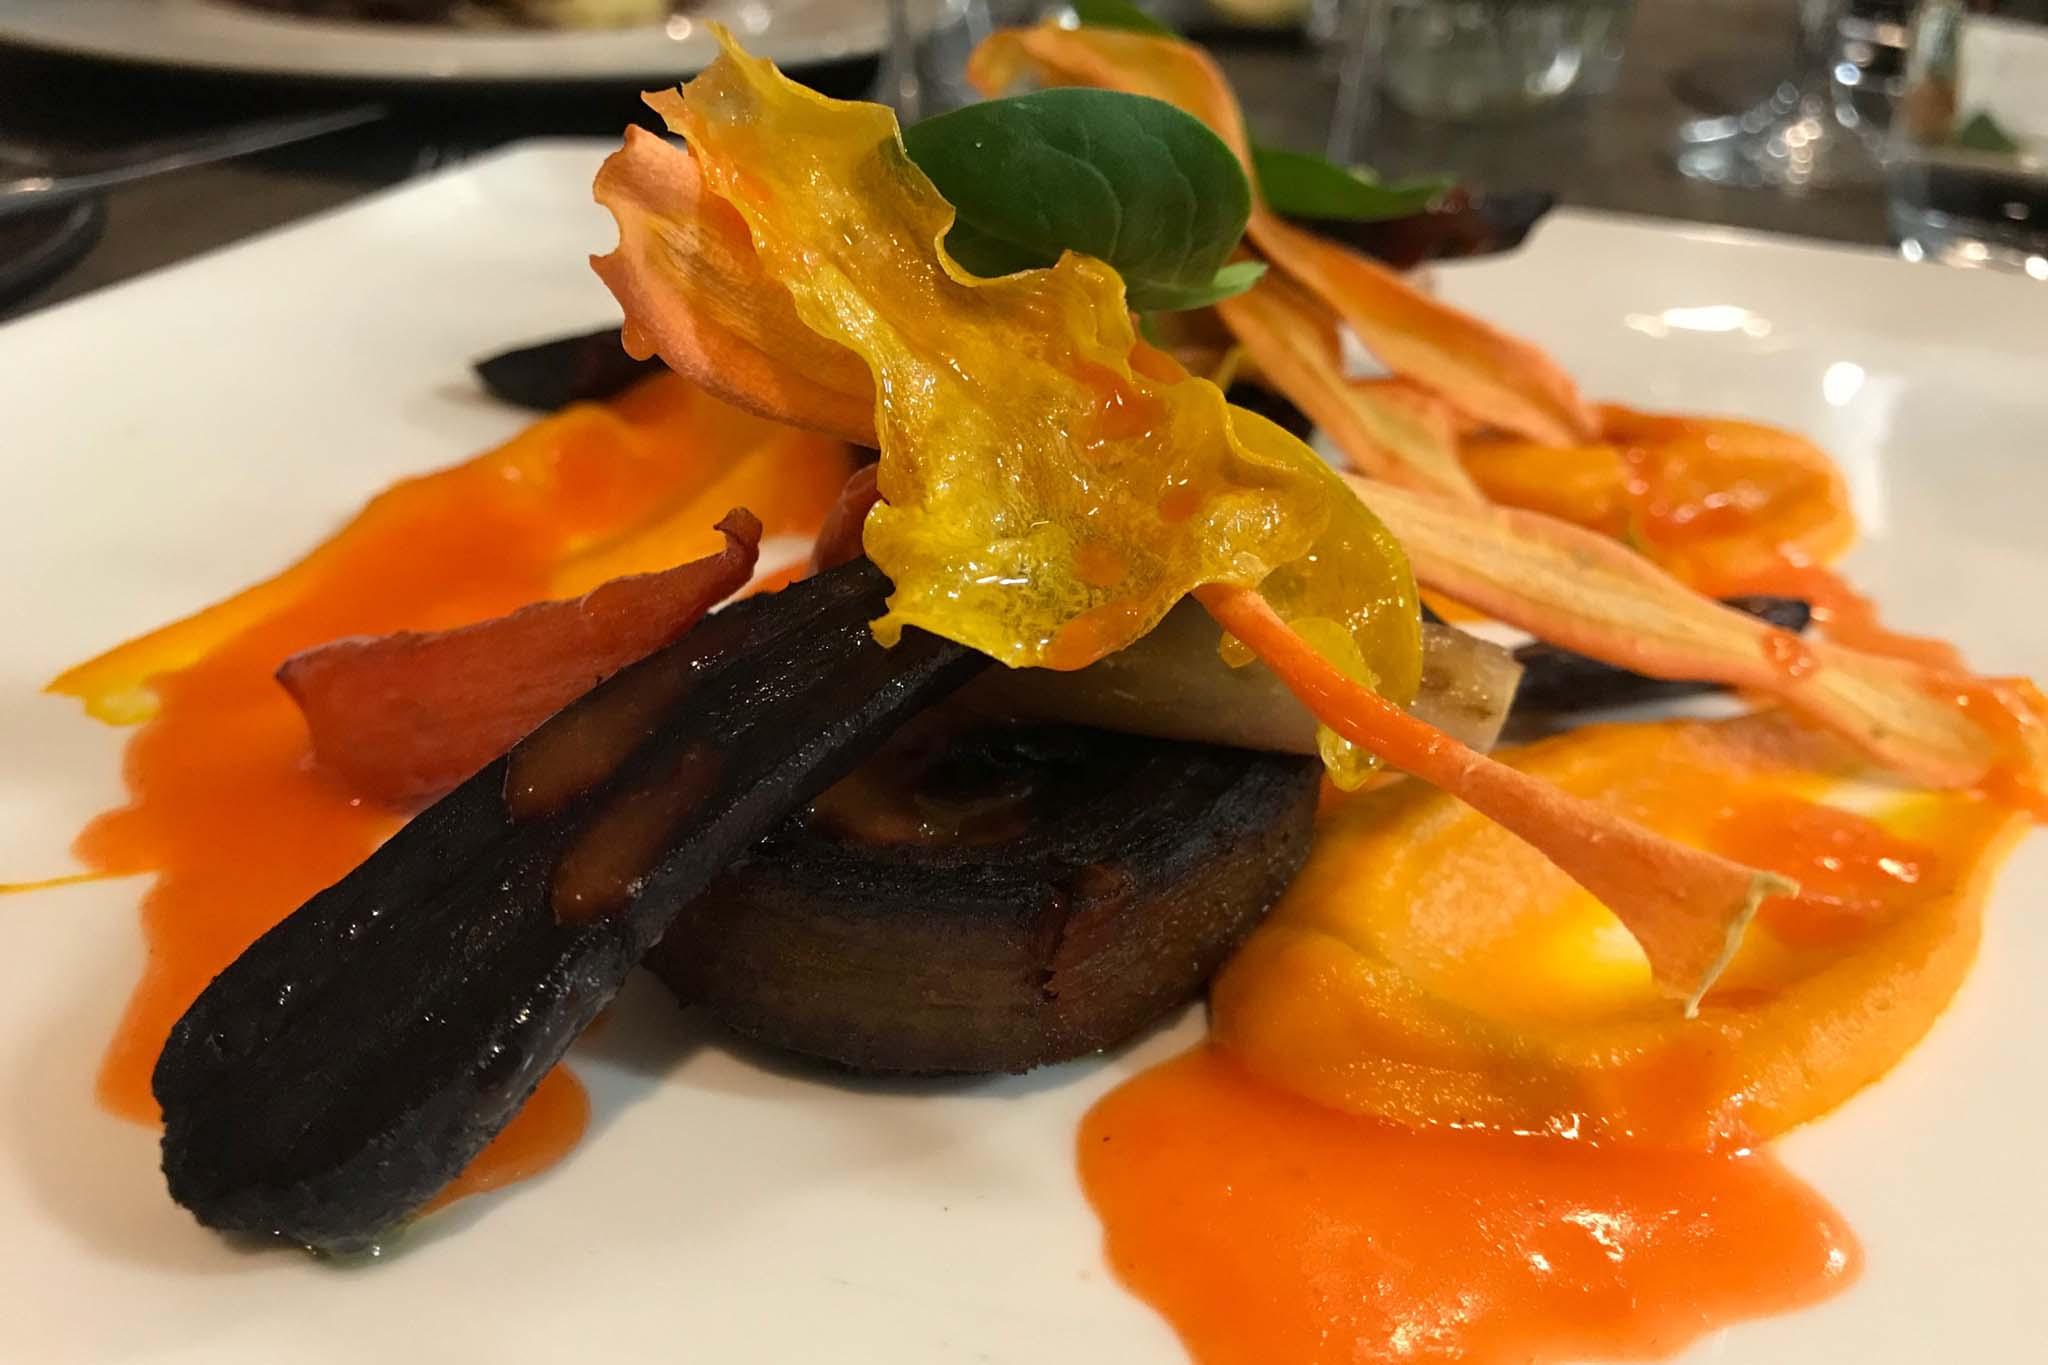 Roots ristorante diattico piatto carote colori consistenze